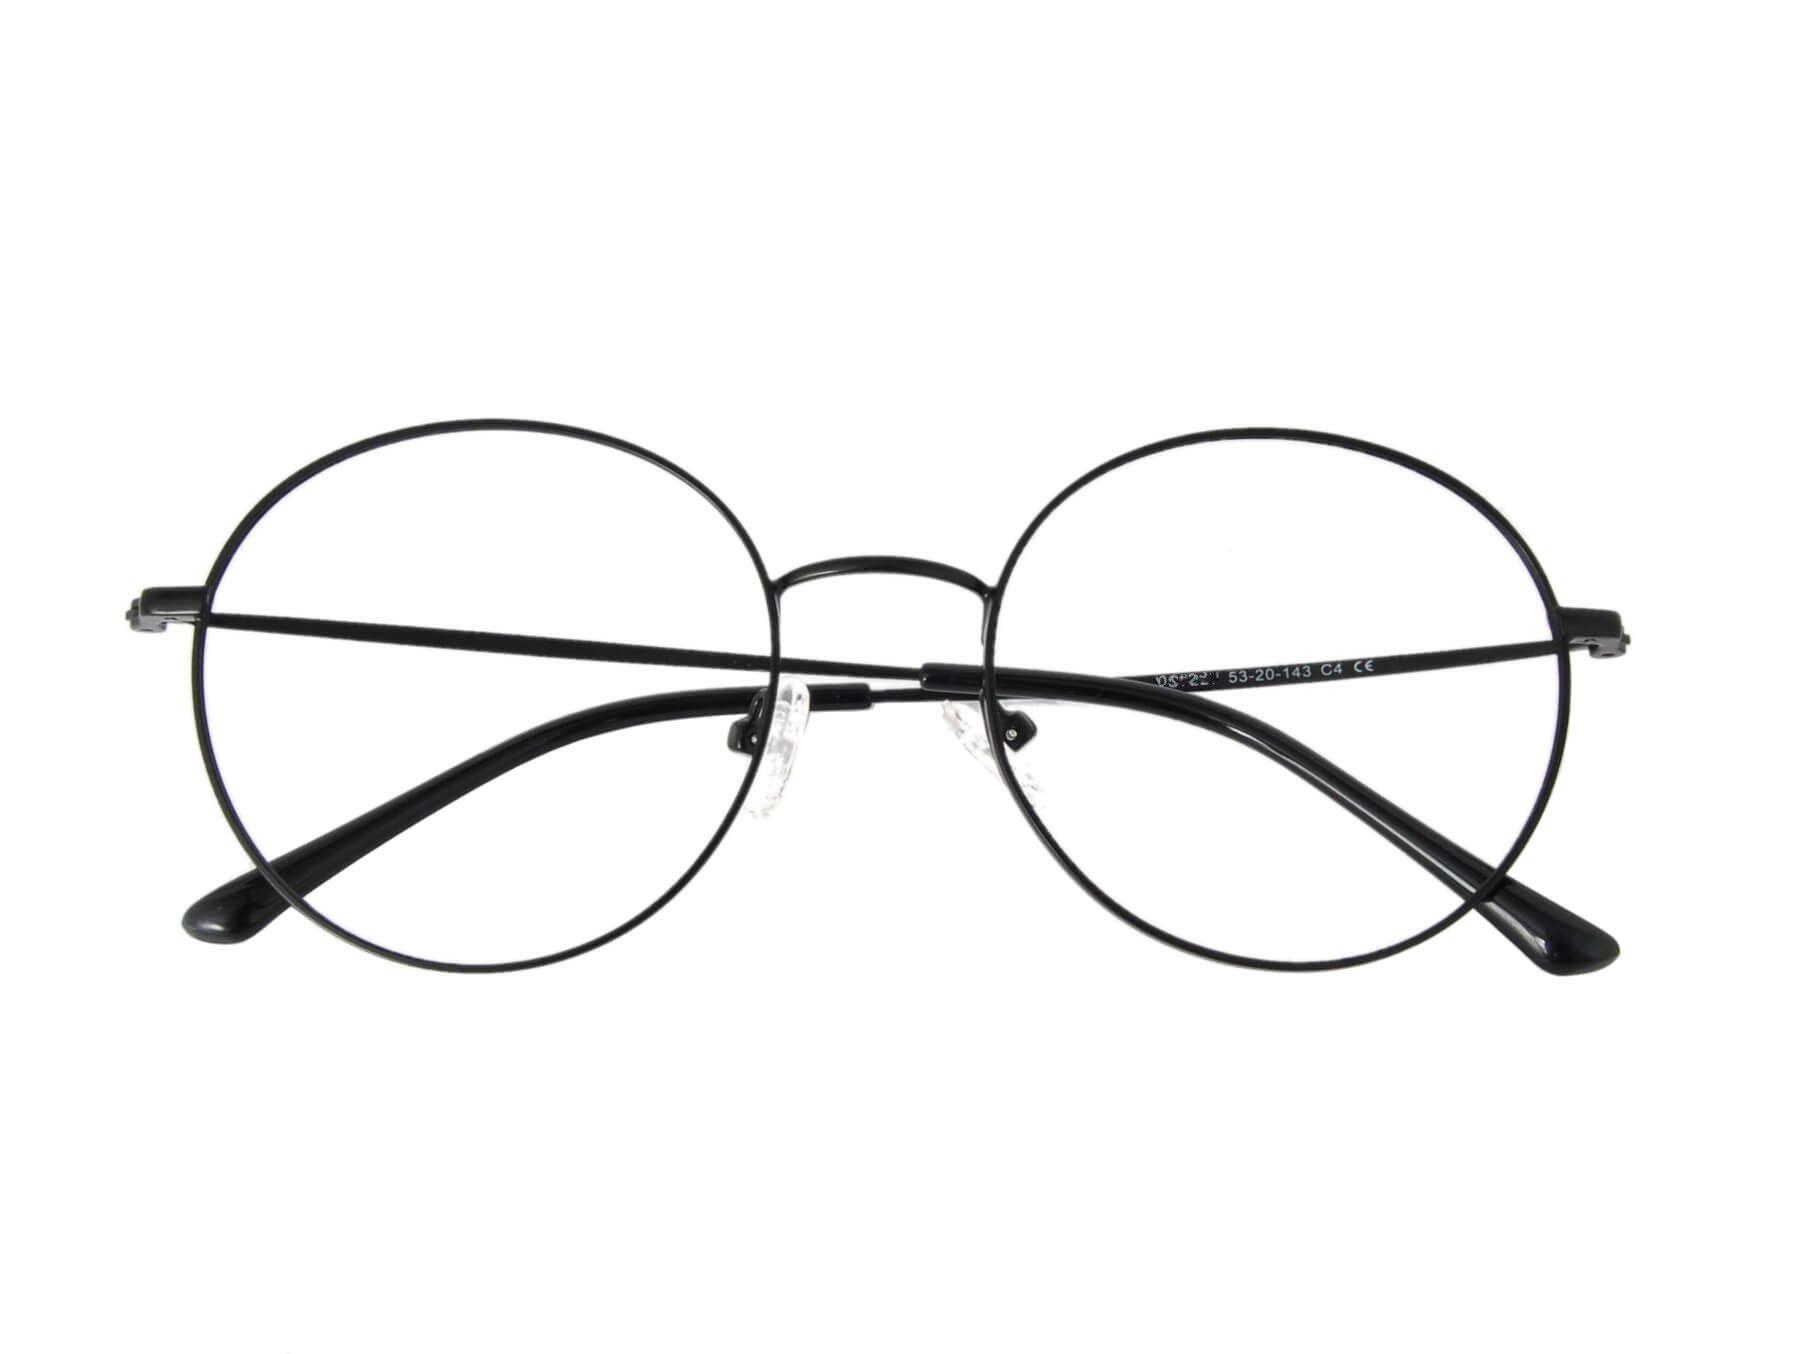 Óculos de grau metal redondo